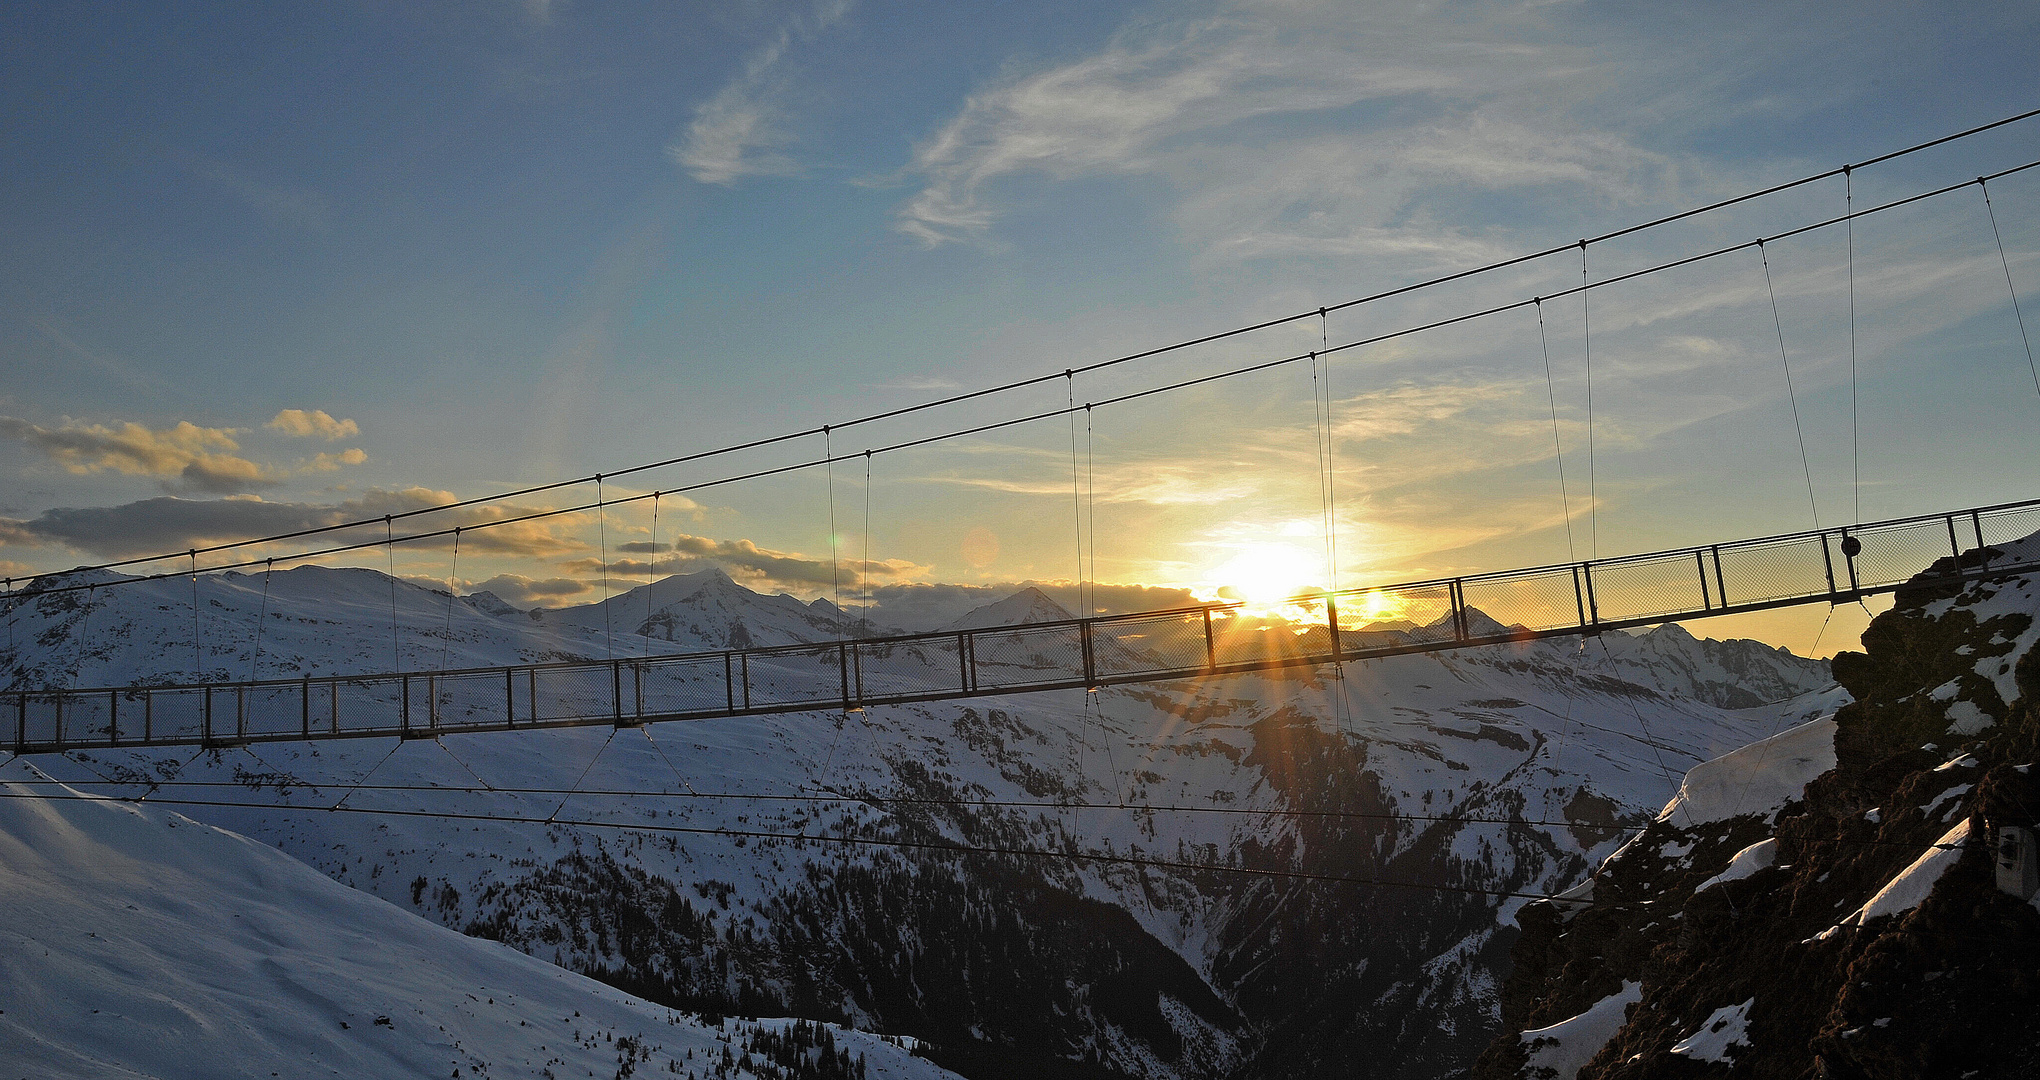 Hängebrücke im letzten Sonnenlicht